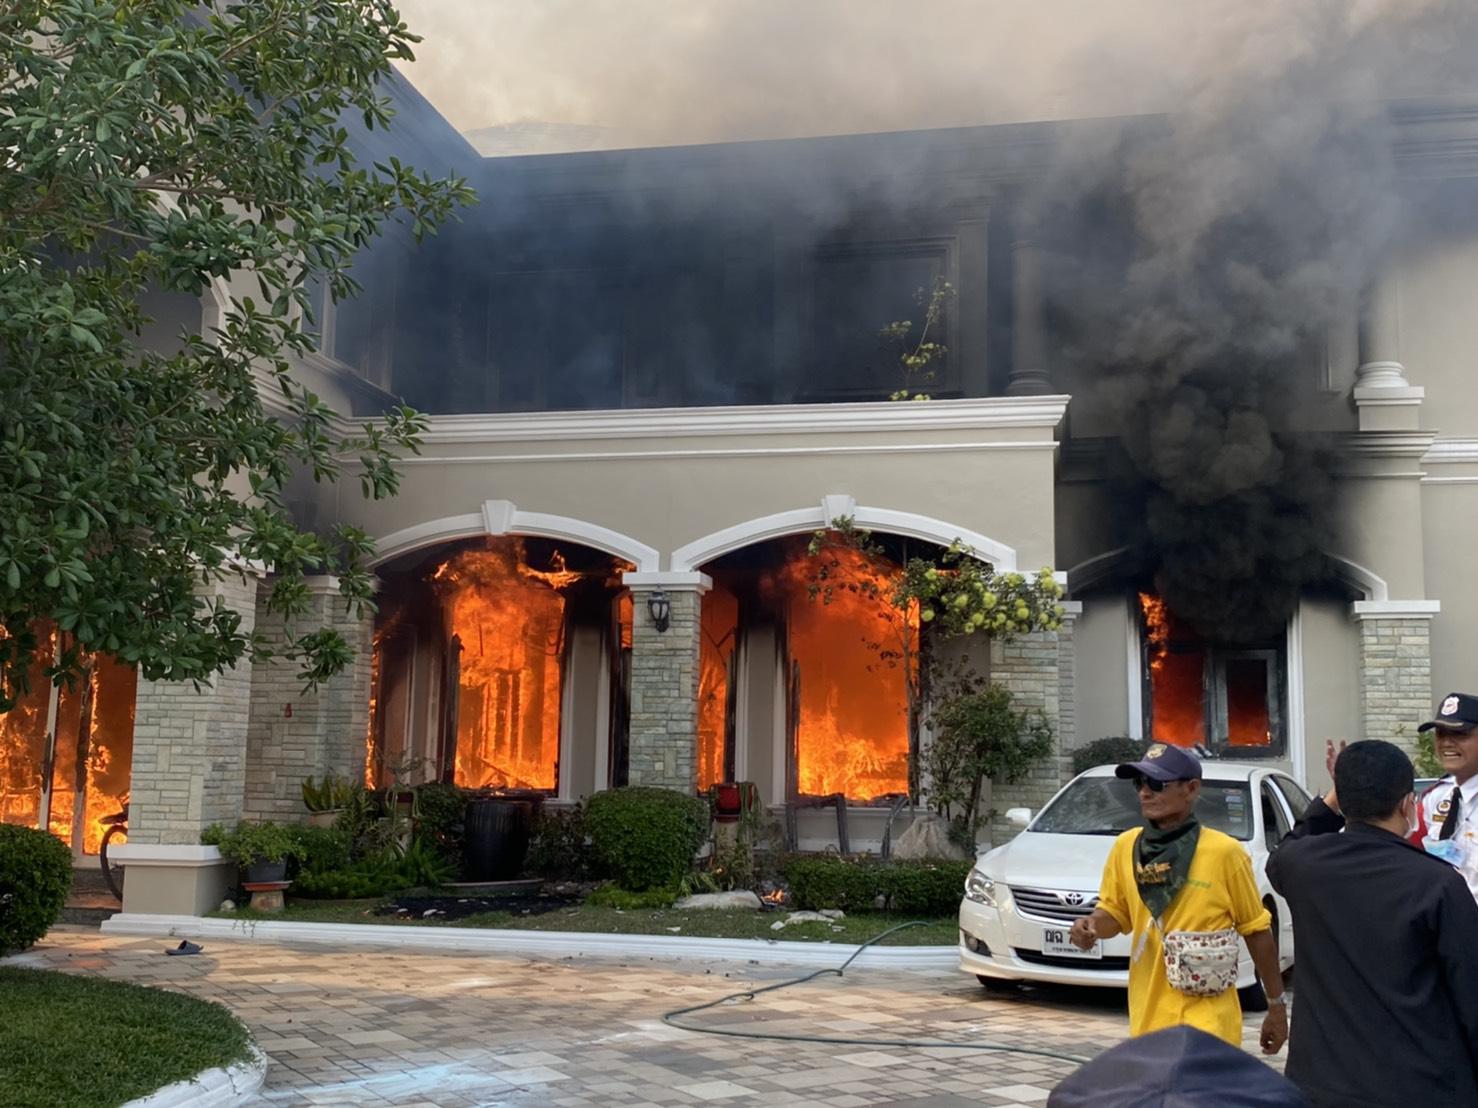 ด่วน! ไฟไหม้คฤหาสน์  ในหมู่บ้านหรูย่านรามอินทรา คนในบ้านหนีตายโกลาหล สุนัขตาย 2 ตัว